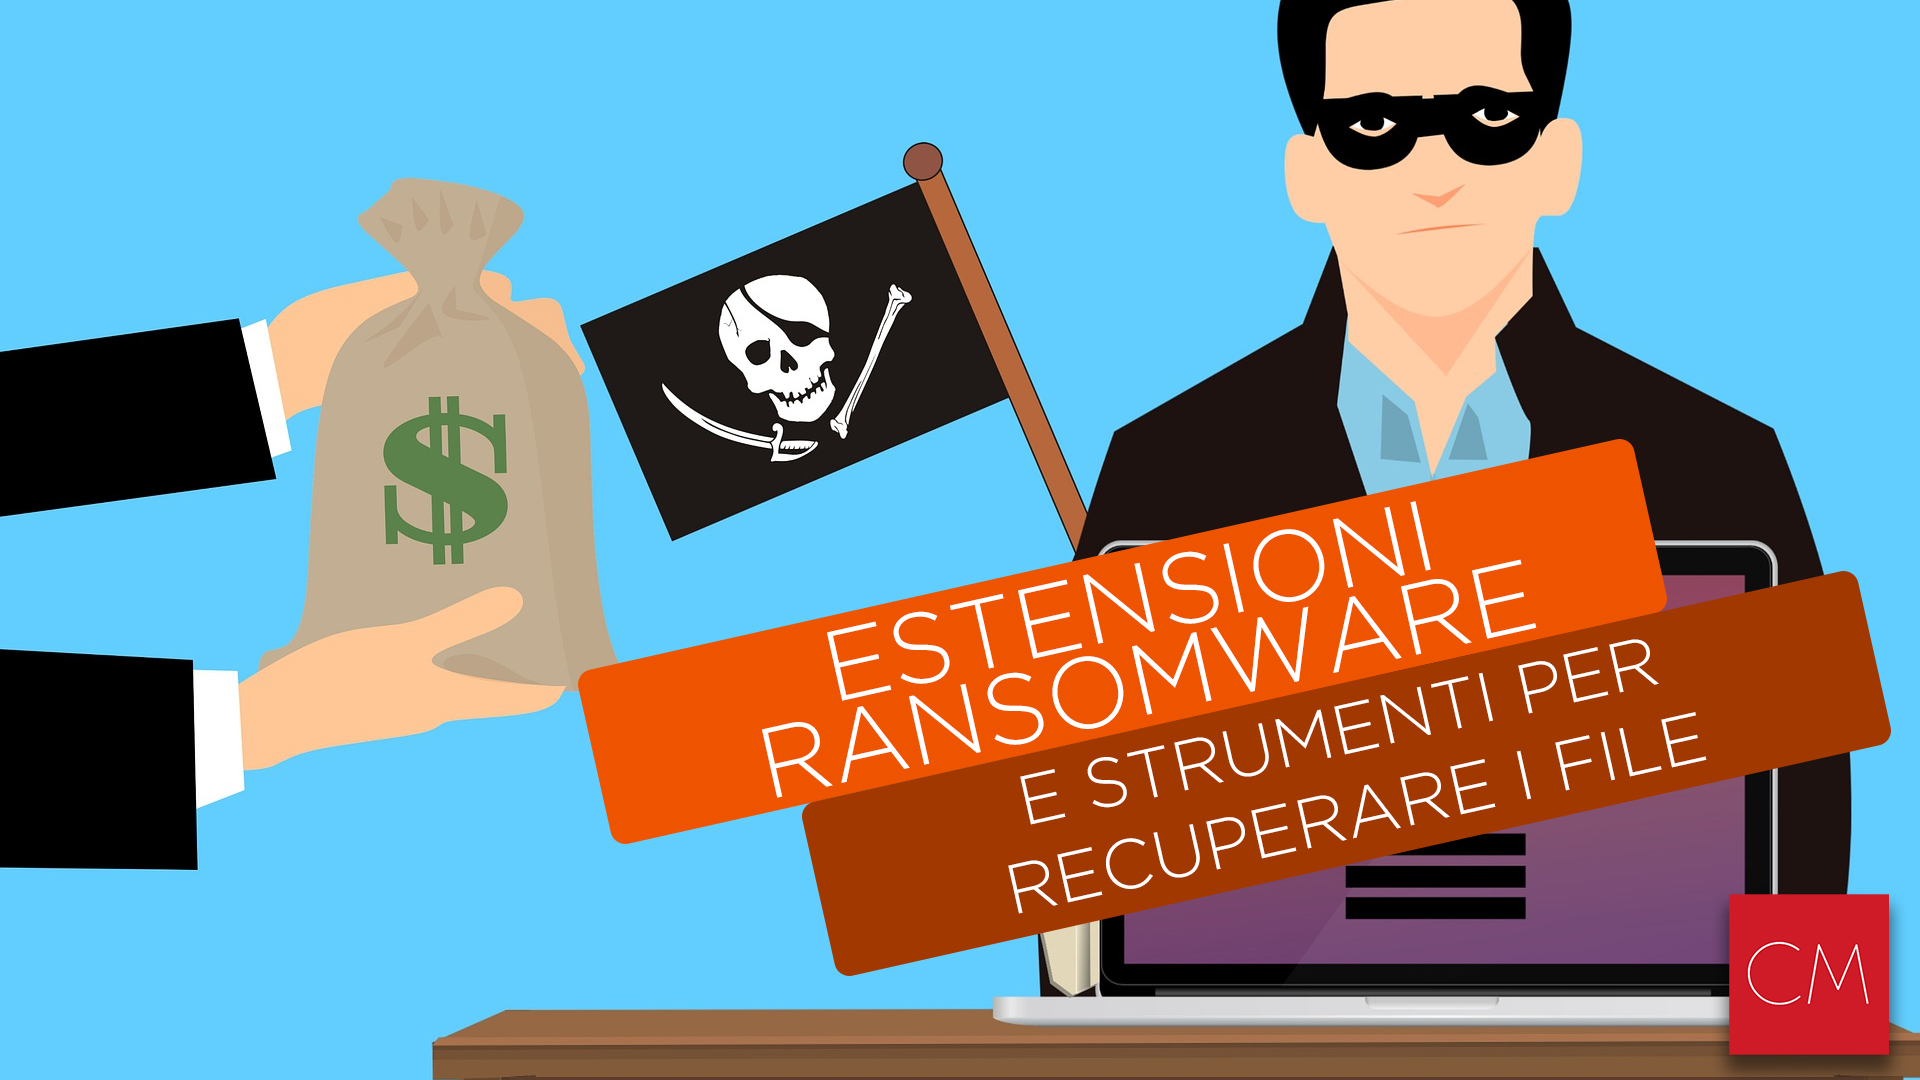 Estensioni Ransomware e strumenti per recuperare i file